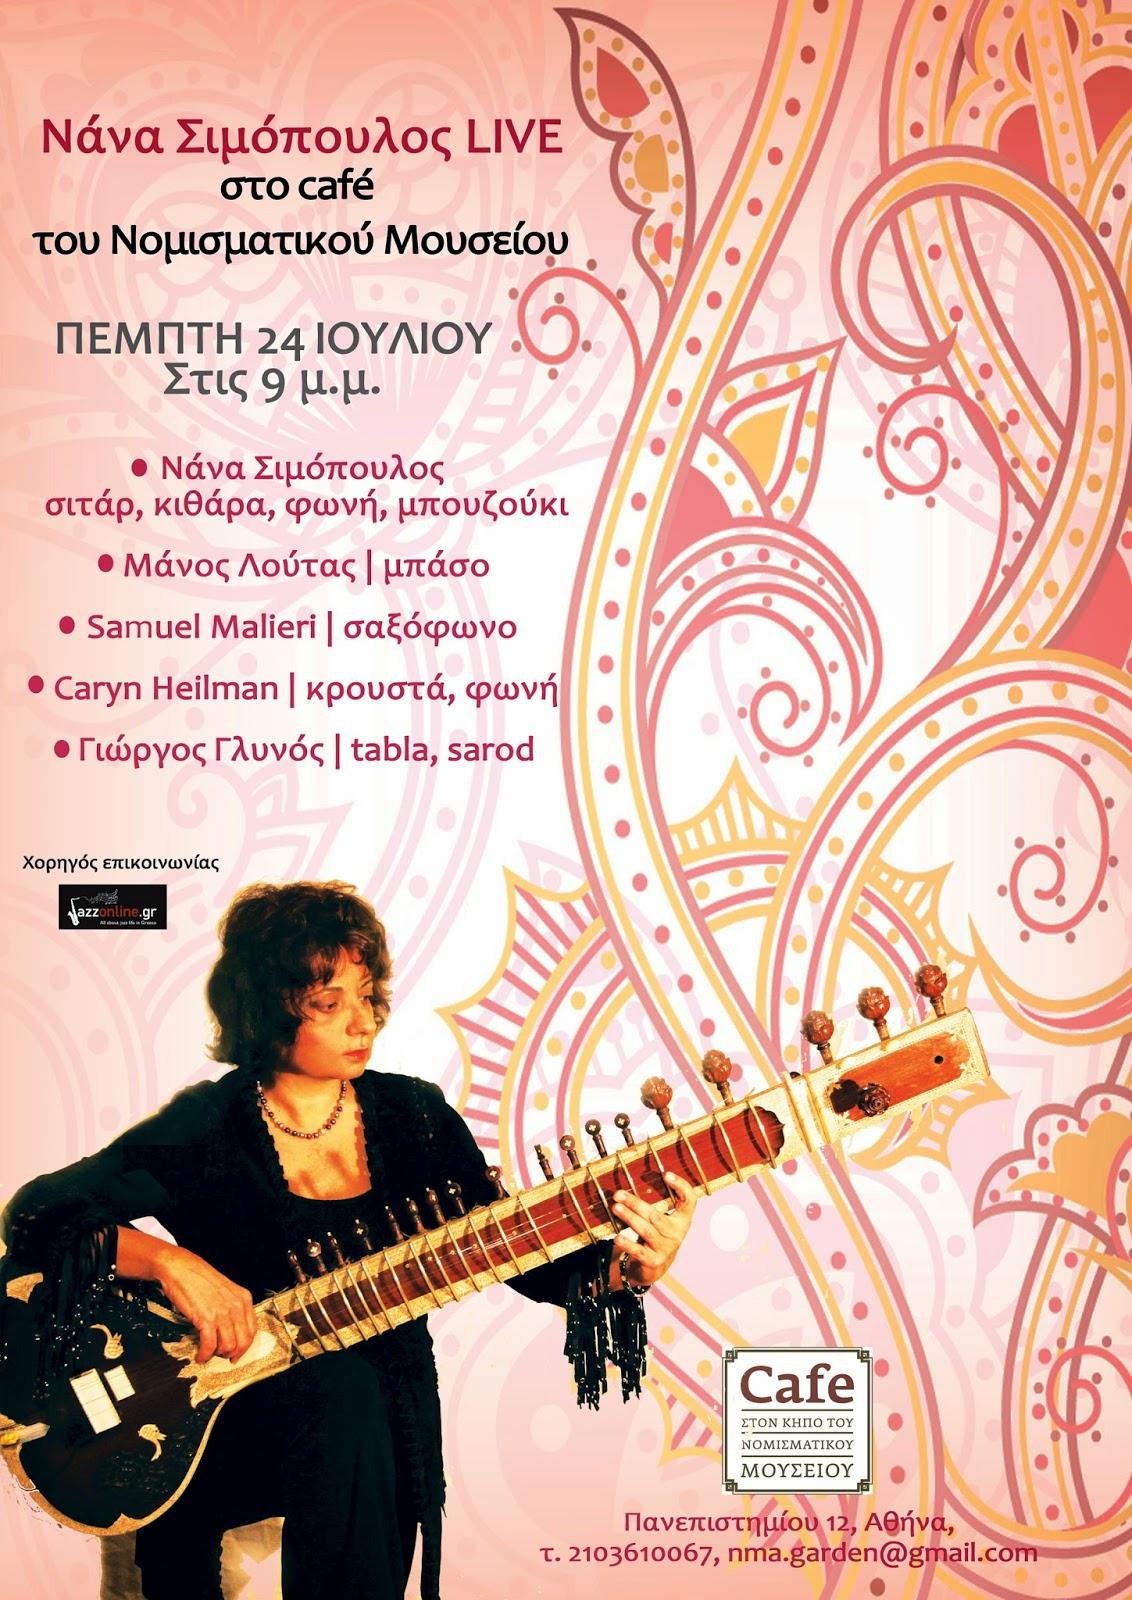 nana-simopoulos-live-ston-kipo-tou-nomismatikoy-mouseiou-tin-pempti-24-iouliou-2014